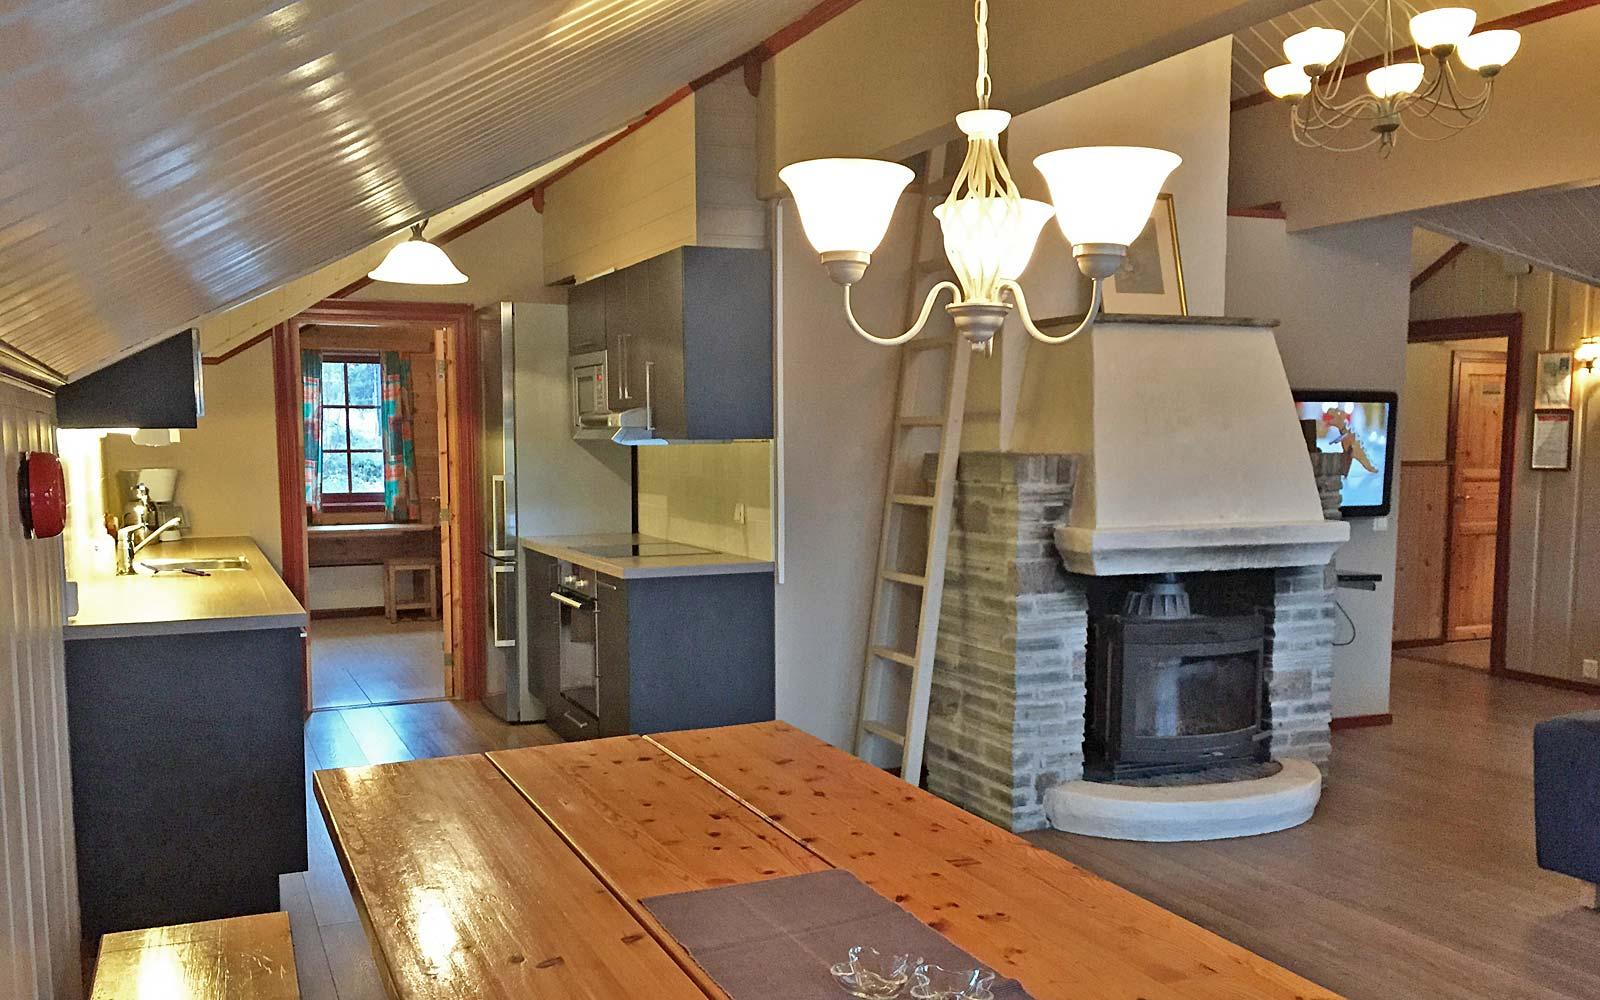 Kjøkkenent i leilighet Kanken - Sjumilskogen booking Trysil